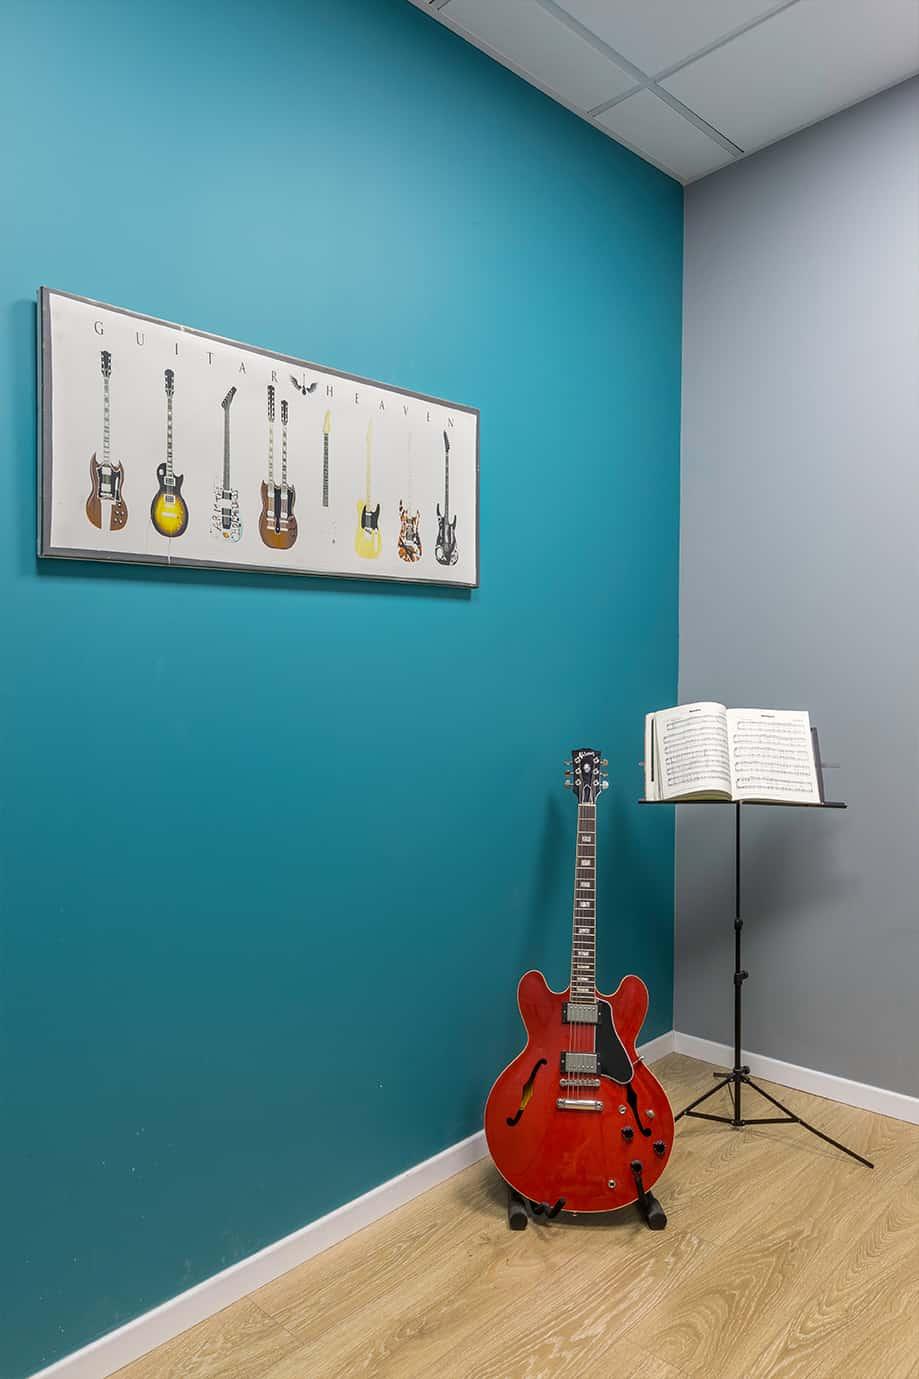 חדר ללימוד שיעורי גיטרה - בית ספר למוסיקה - שירית דרמן מעצבת פניפ